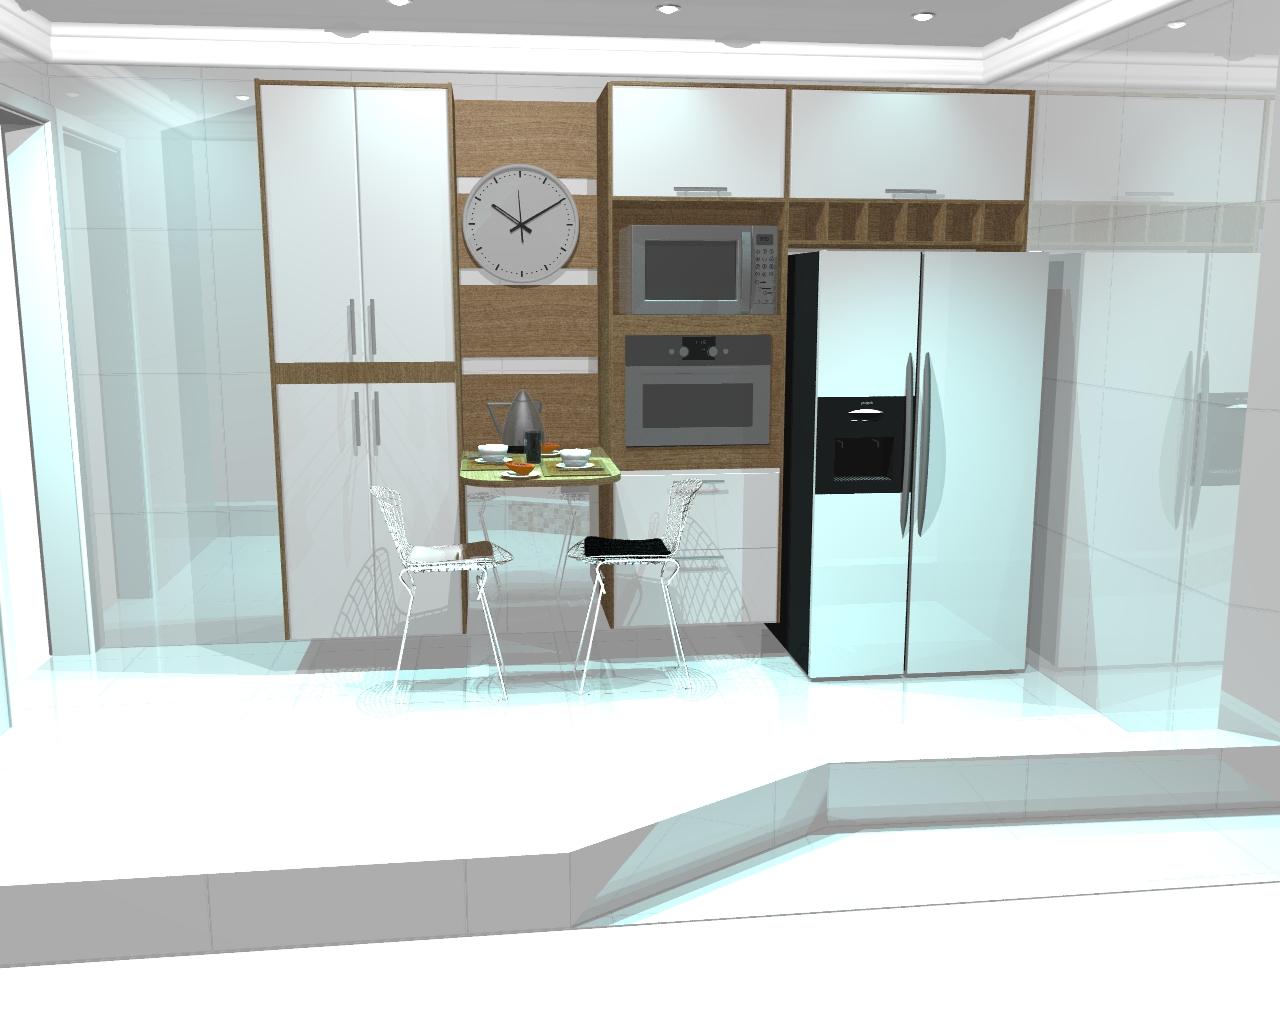 #5D4C35 Misturando moderno com conservador torre paneleiro e bancada para  1280x1024 px Projetos De Cozinhas Planejadas Italinea #709 imagens